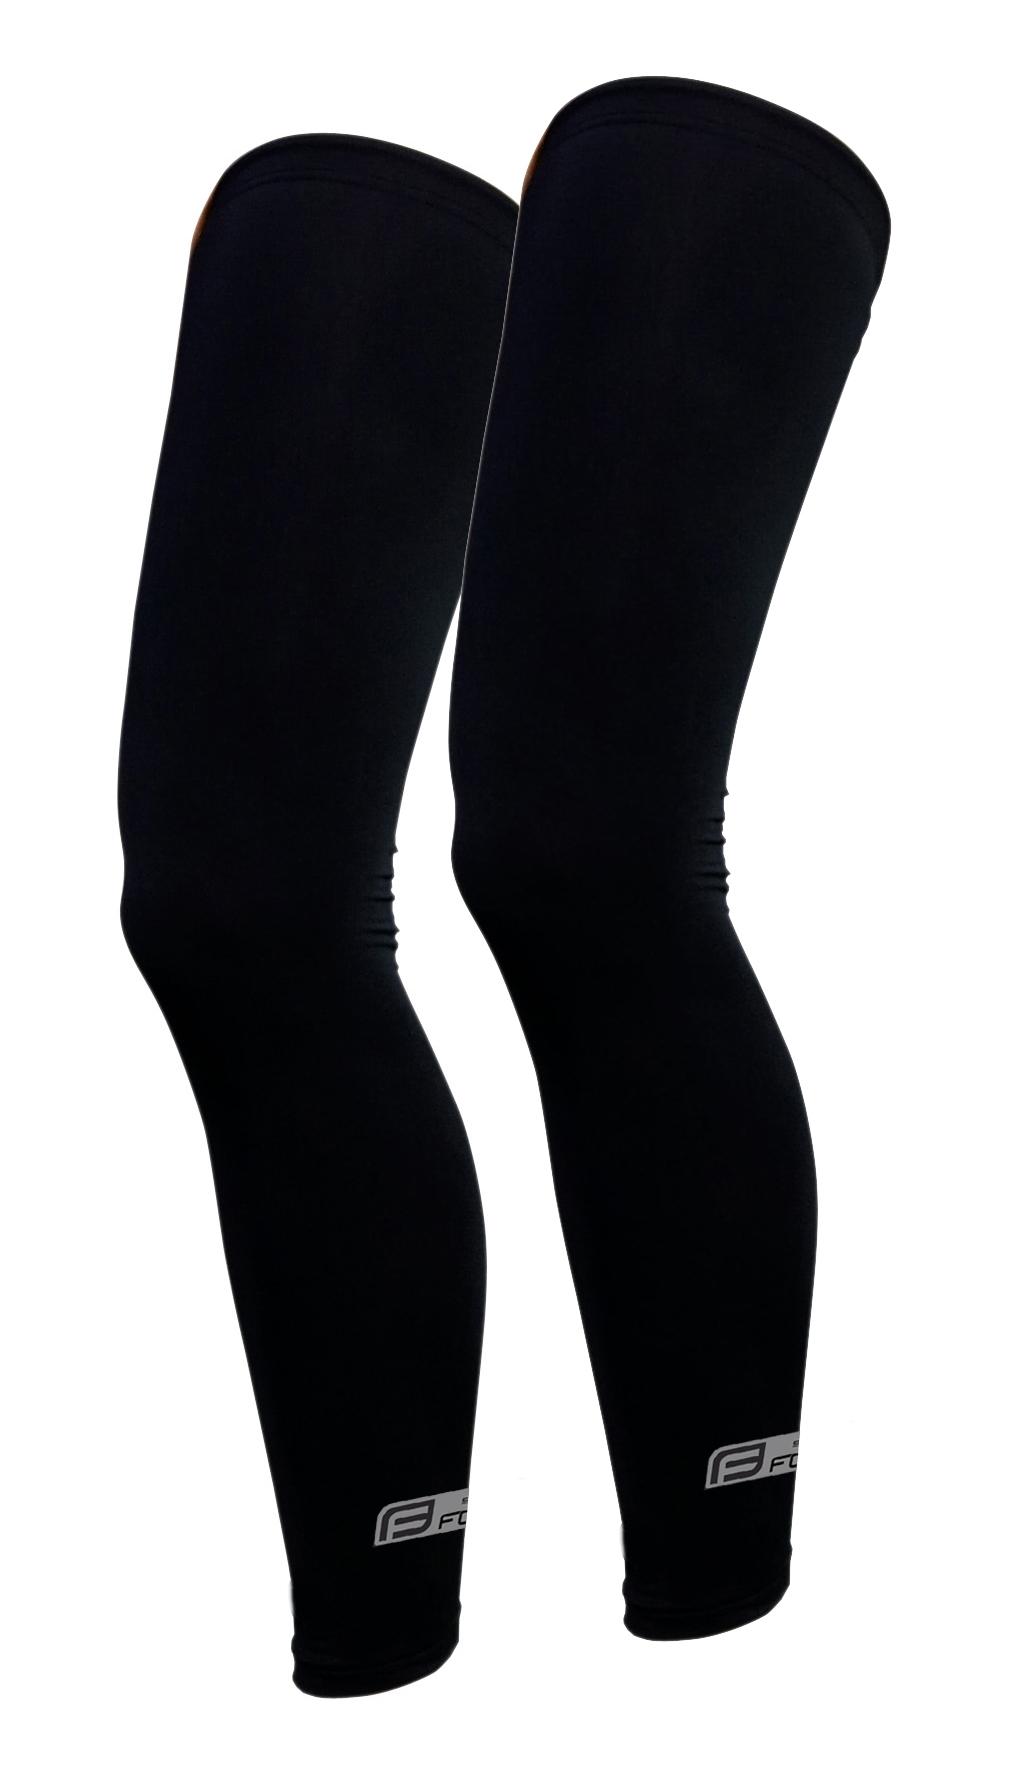 návleky na nohy FORCE RACE, lepené, černé XXL